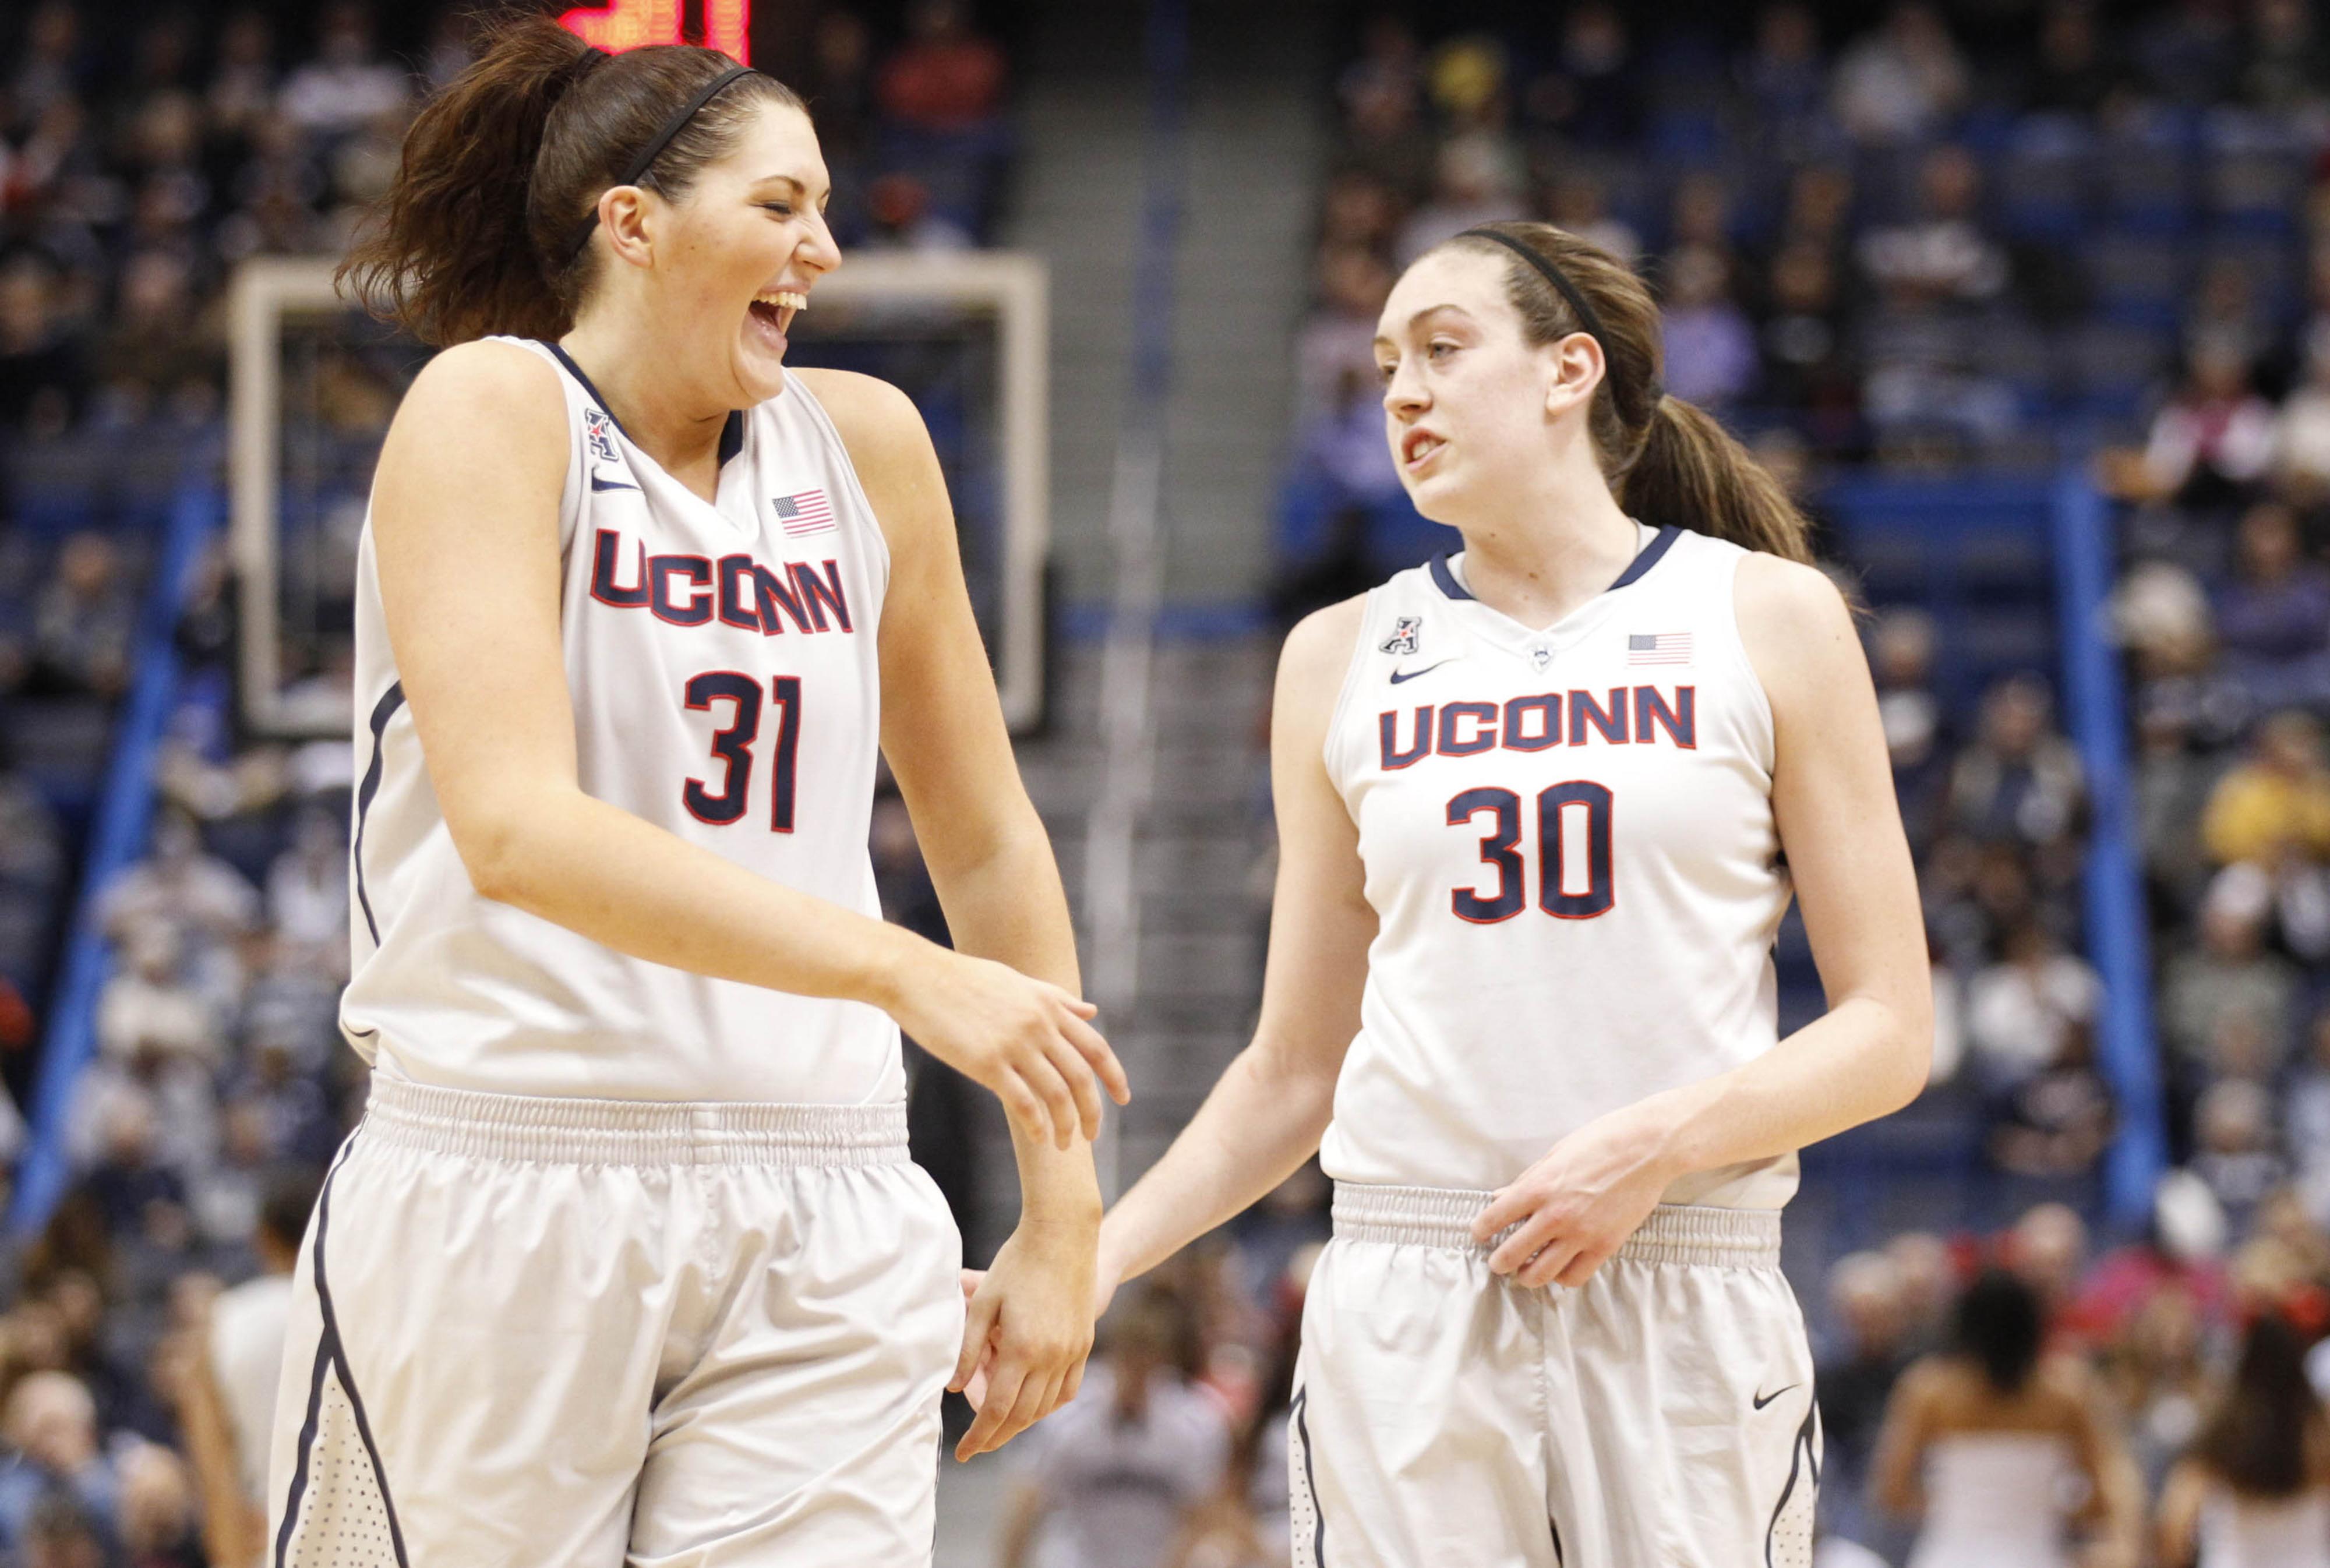 UConn's Stefanie Dolson and Breanna Stewart anchor the best frontcourt in the nation.